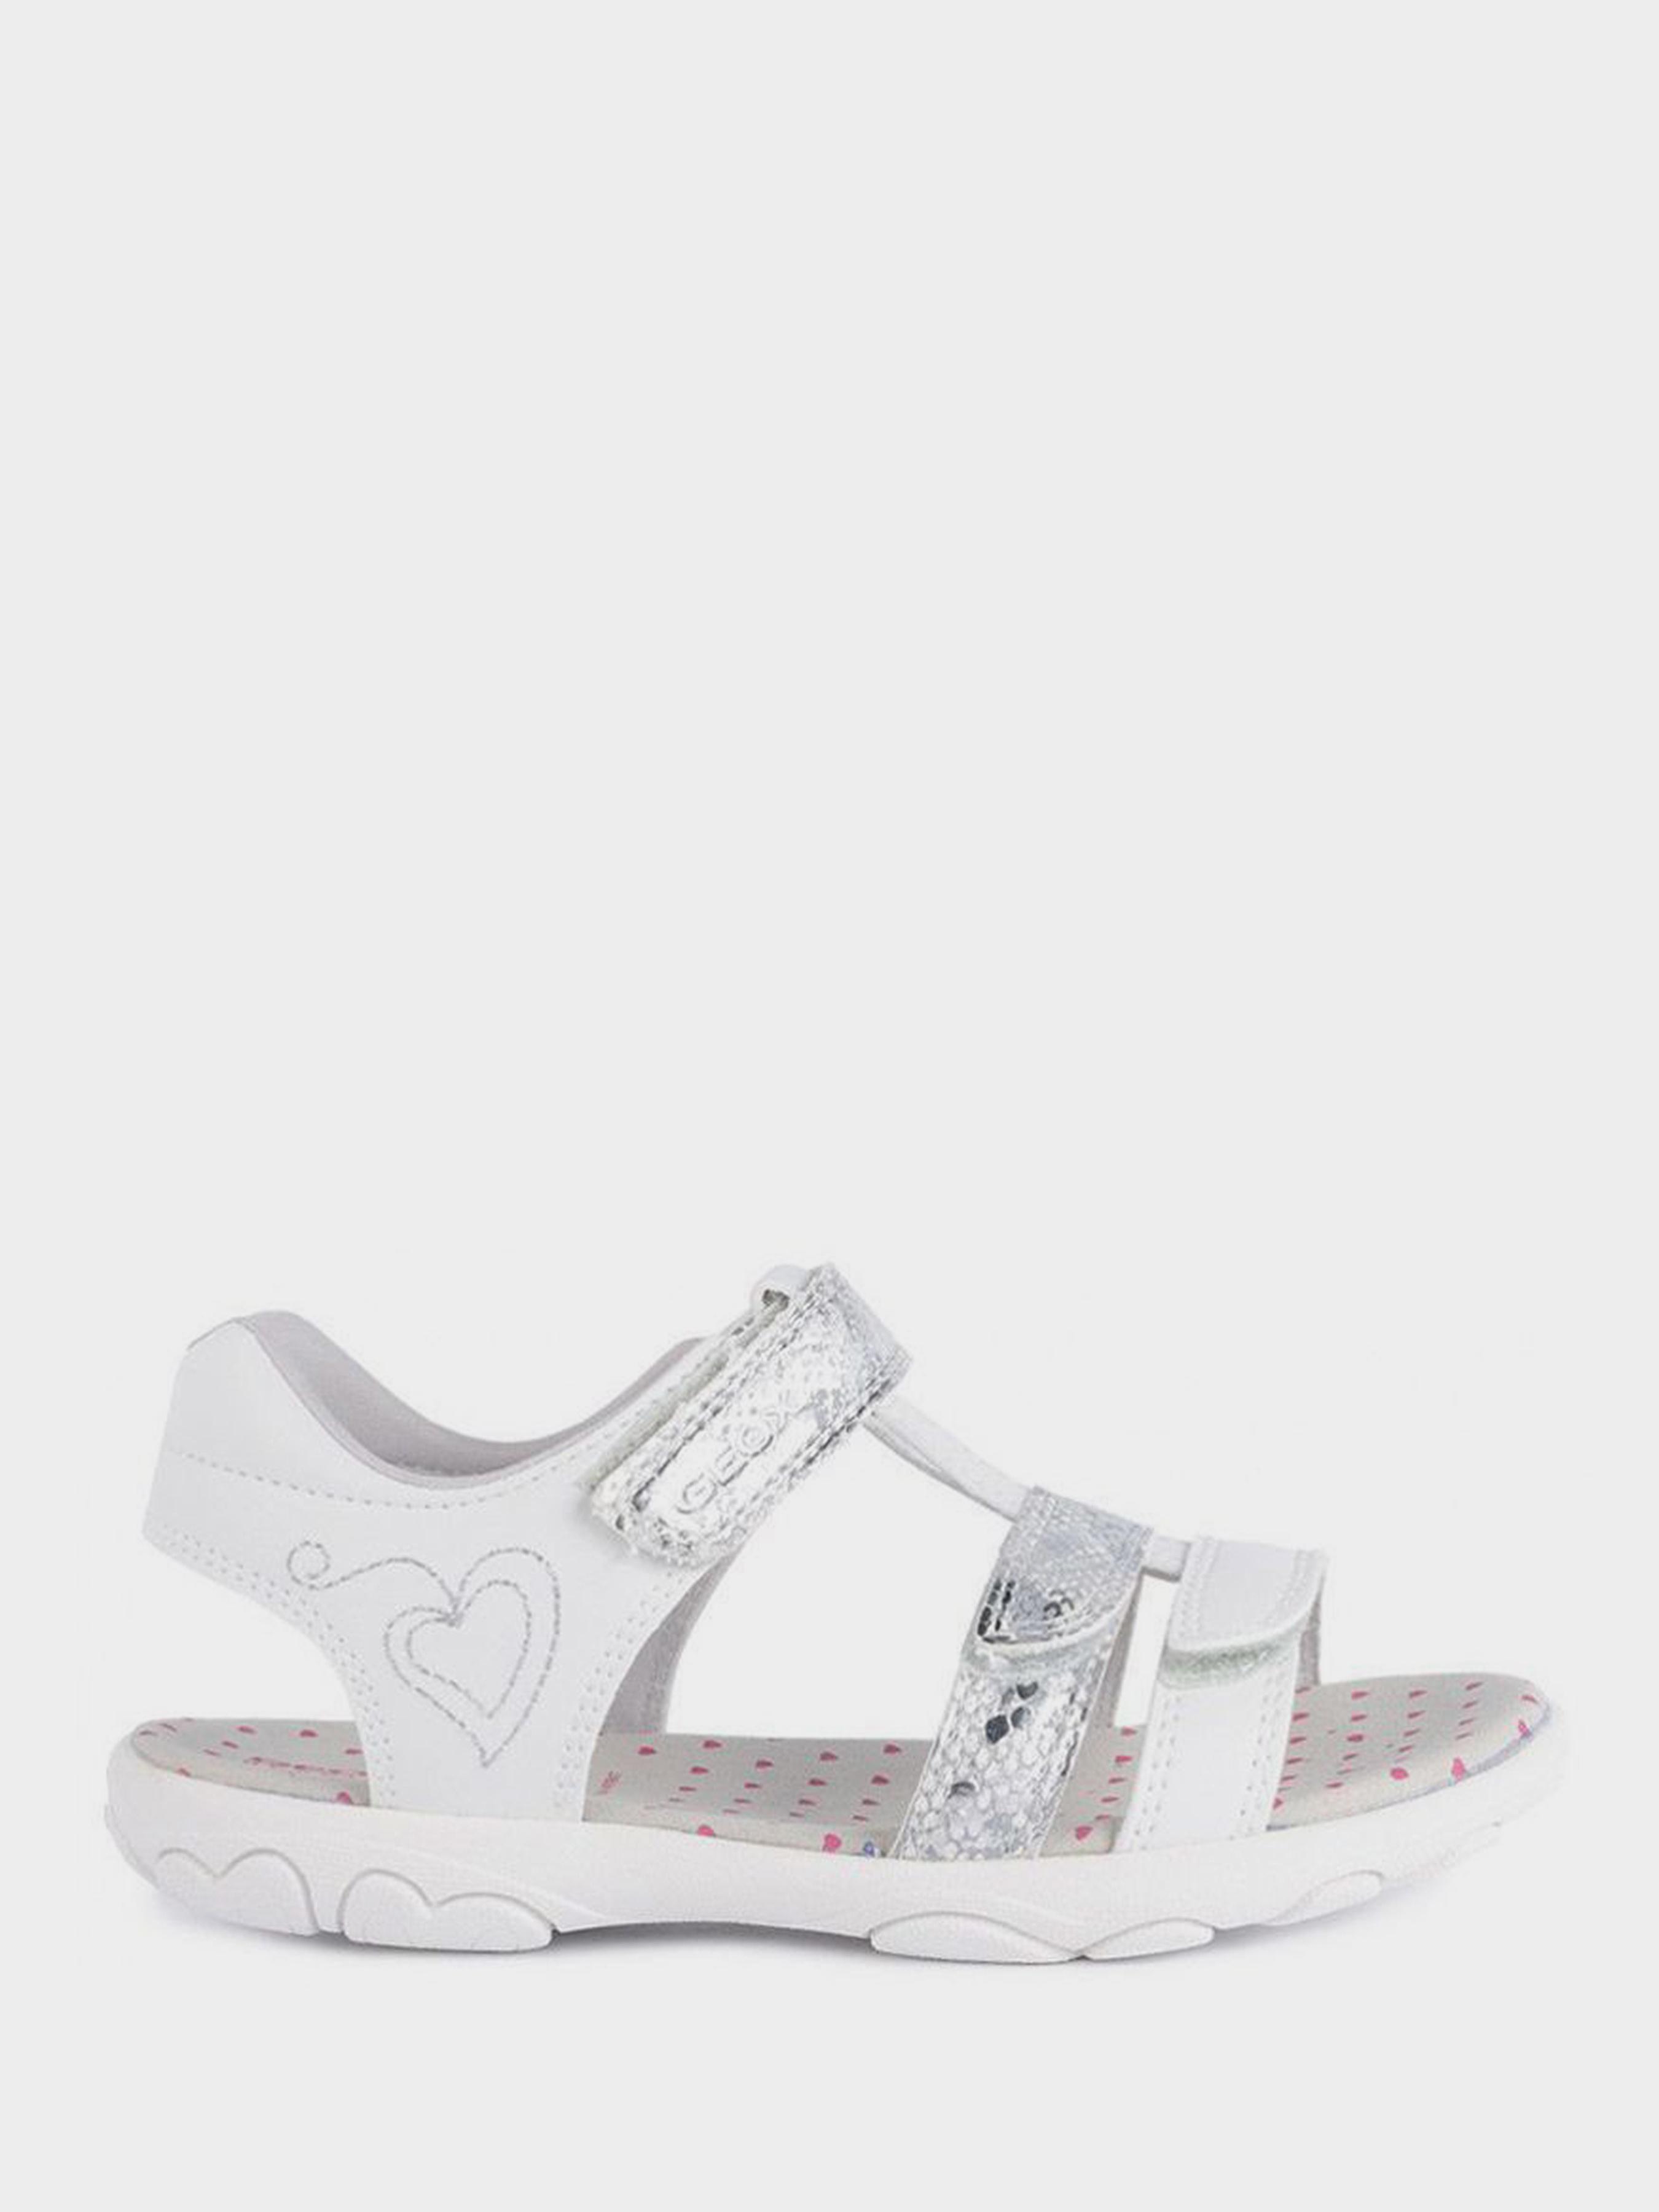 Сандалии для детей Geox J S.CUORE A - SIN.PER+SI.BR.ST XK5754 брендовая обувь, 2017